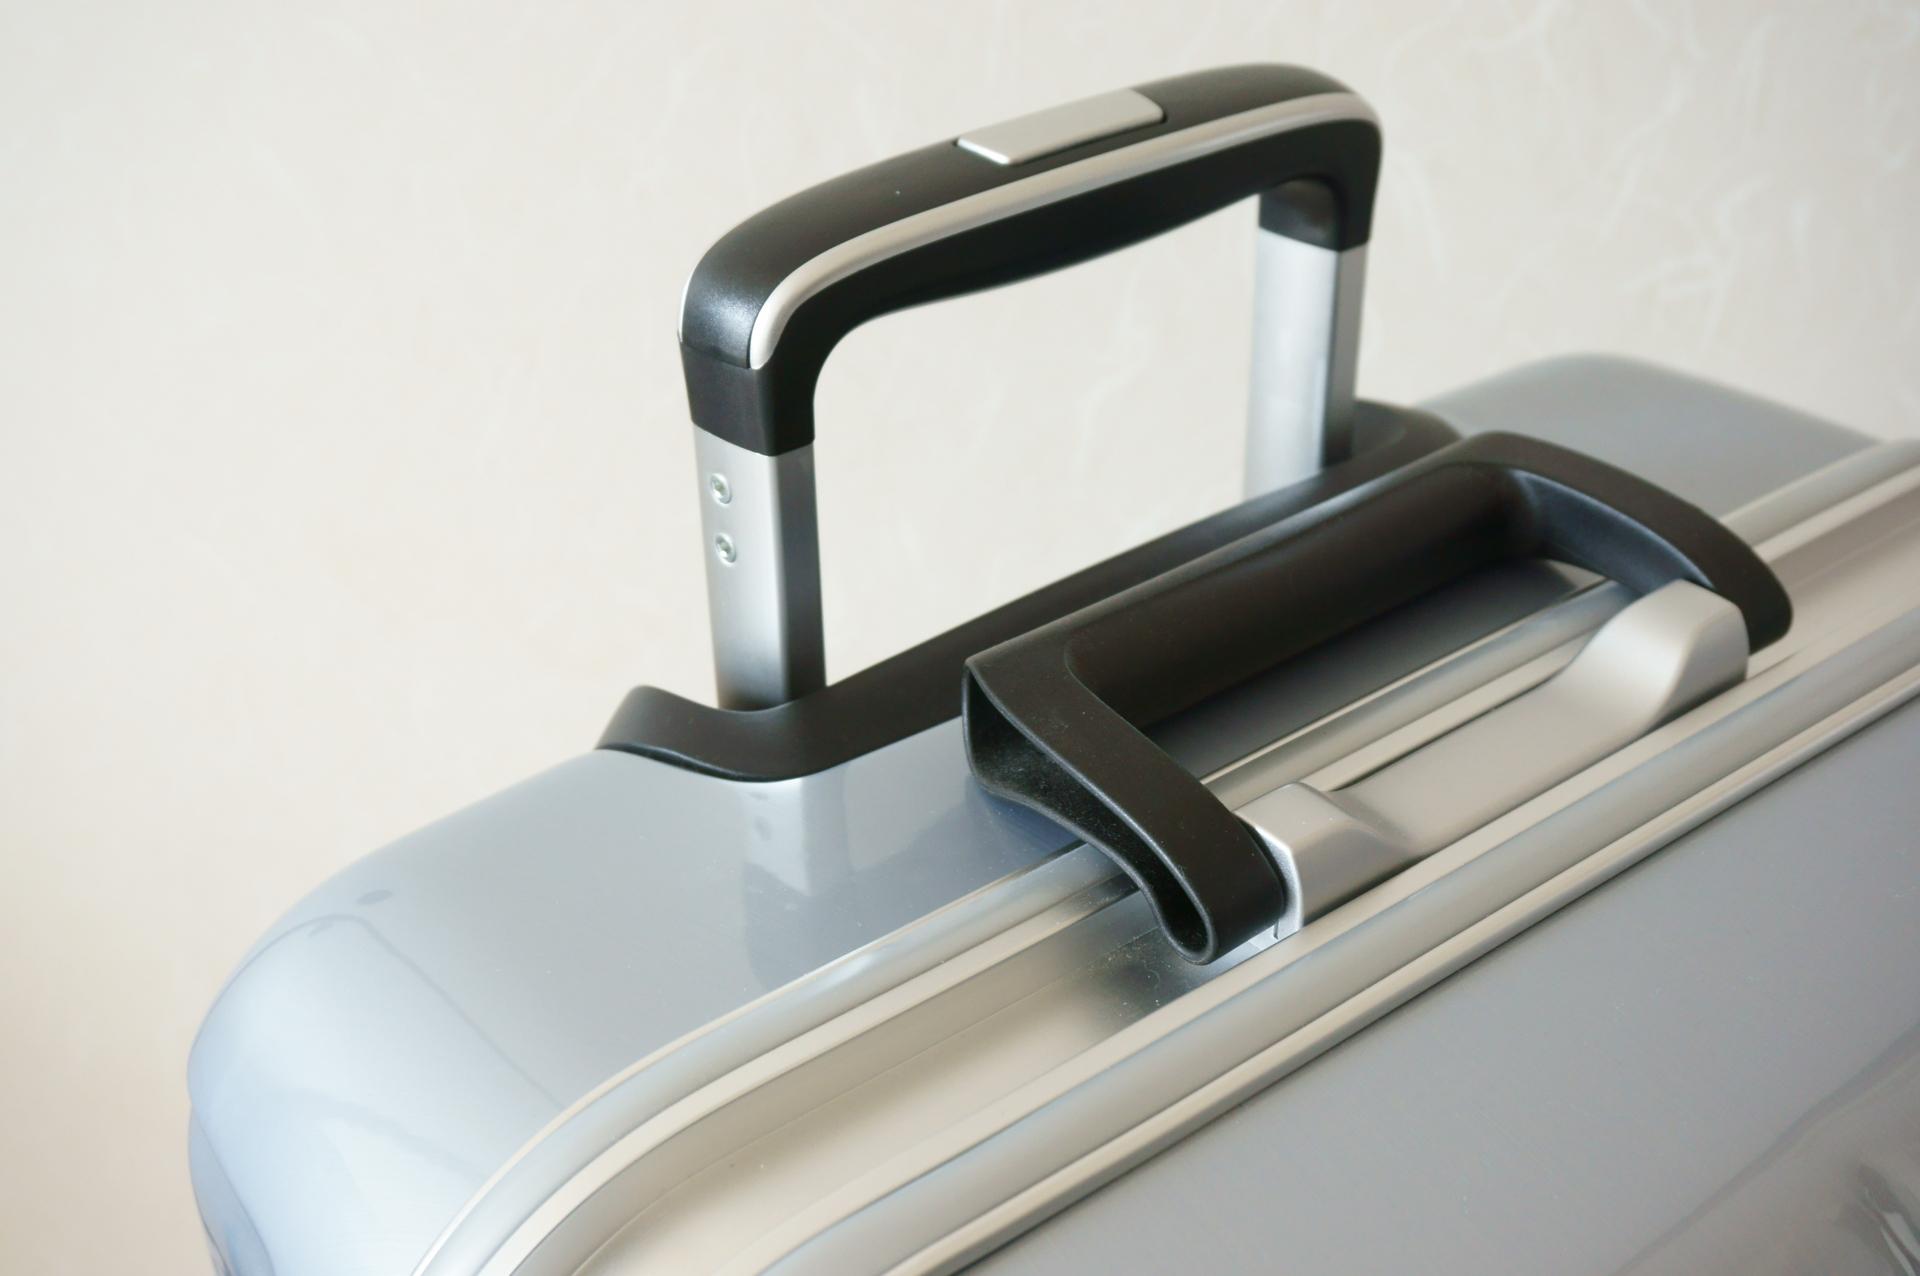 タイ航空の荷物ルール詳細ガイド!個数や重量にサイズに超過料金もご紹介!